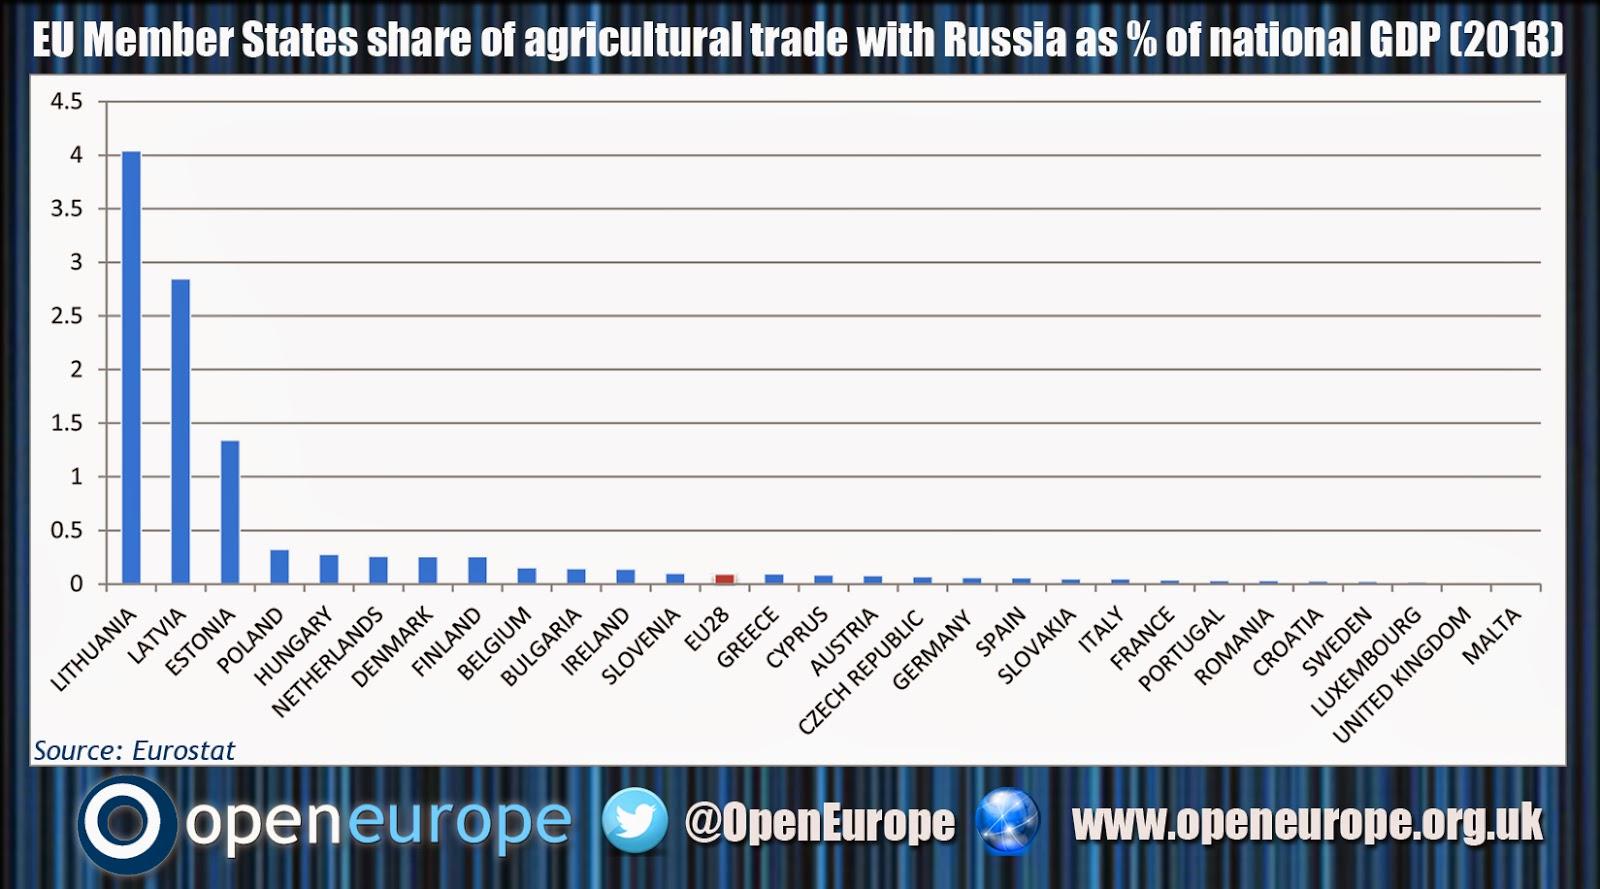 Exportations agricoles vers la Russie en pourcentage du PIB européen (Crédits Open Europe, tous droits réservés)